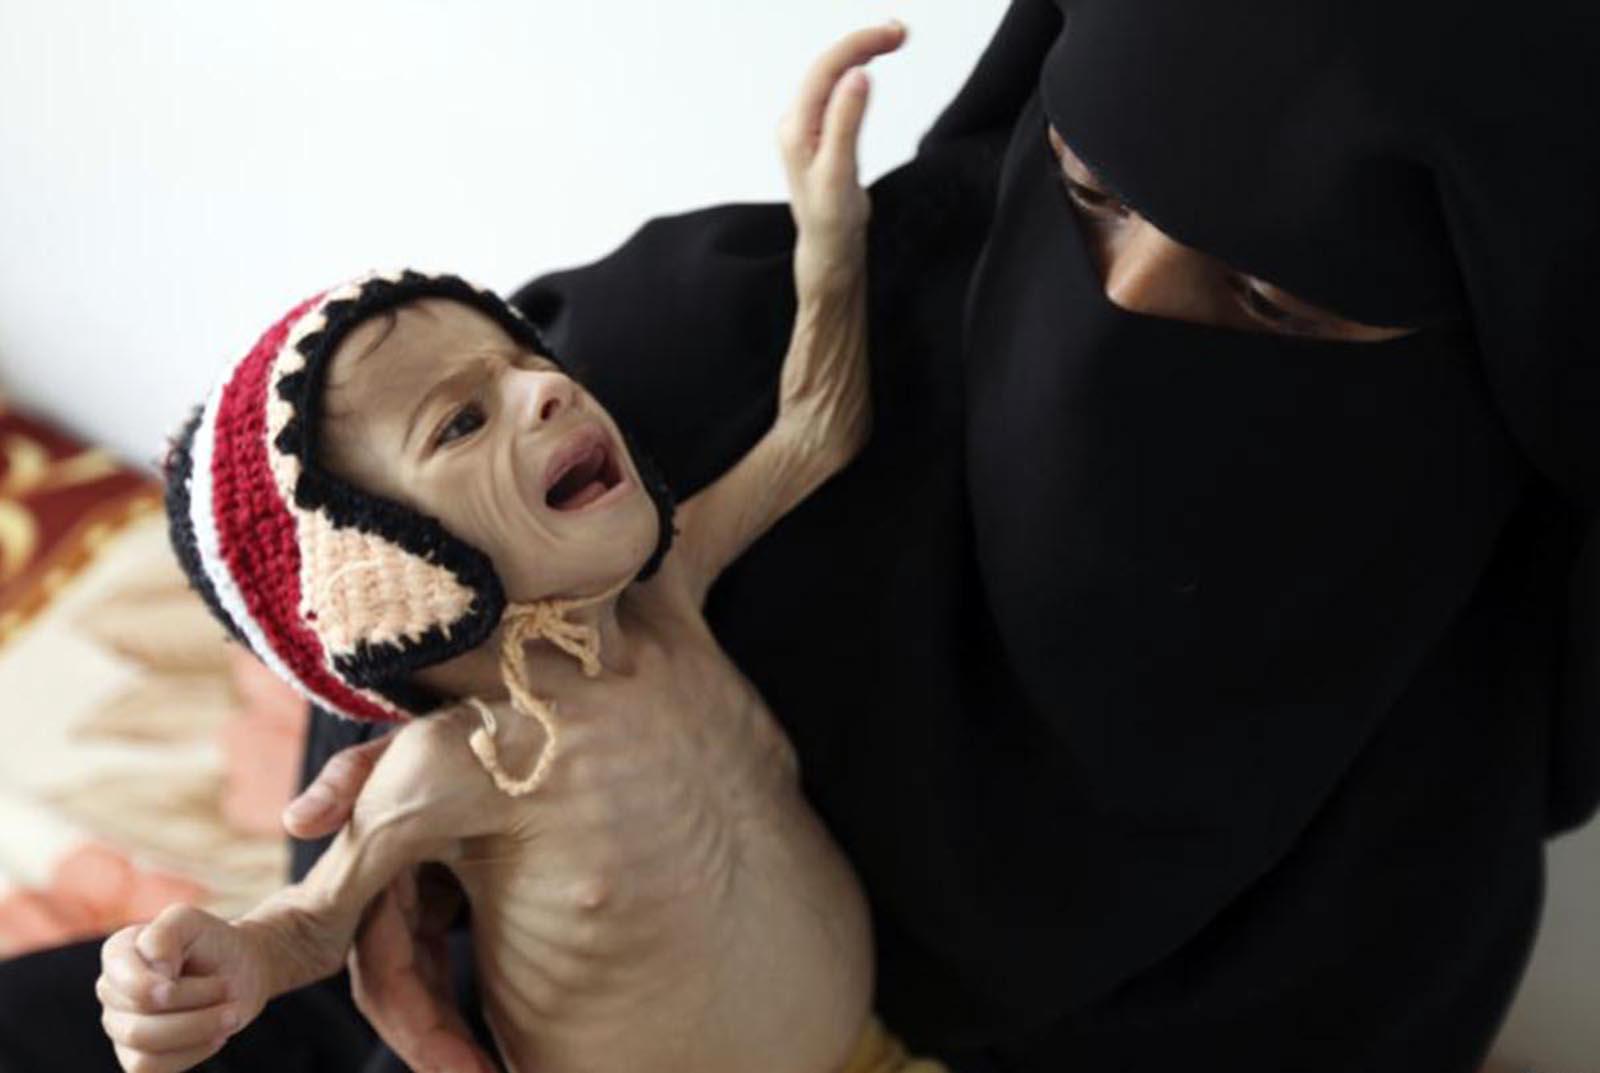 yemen-1-kopya-kopya.jpg